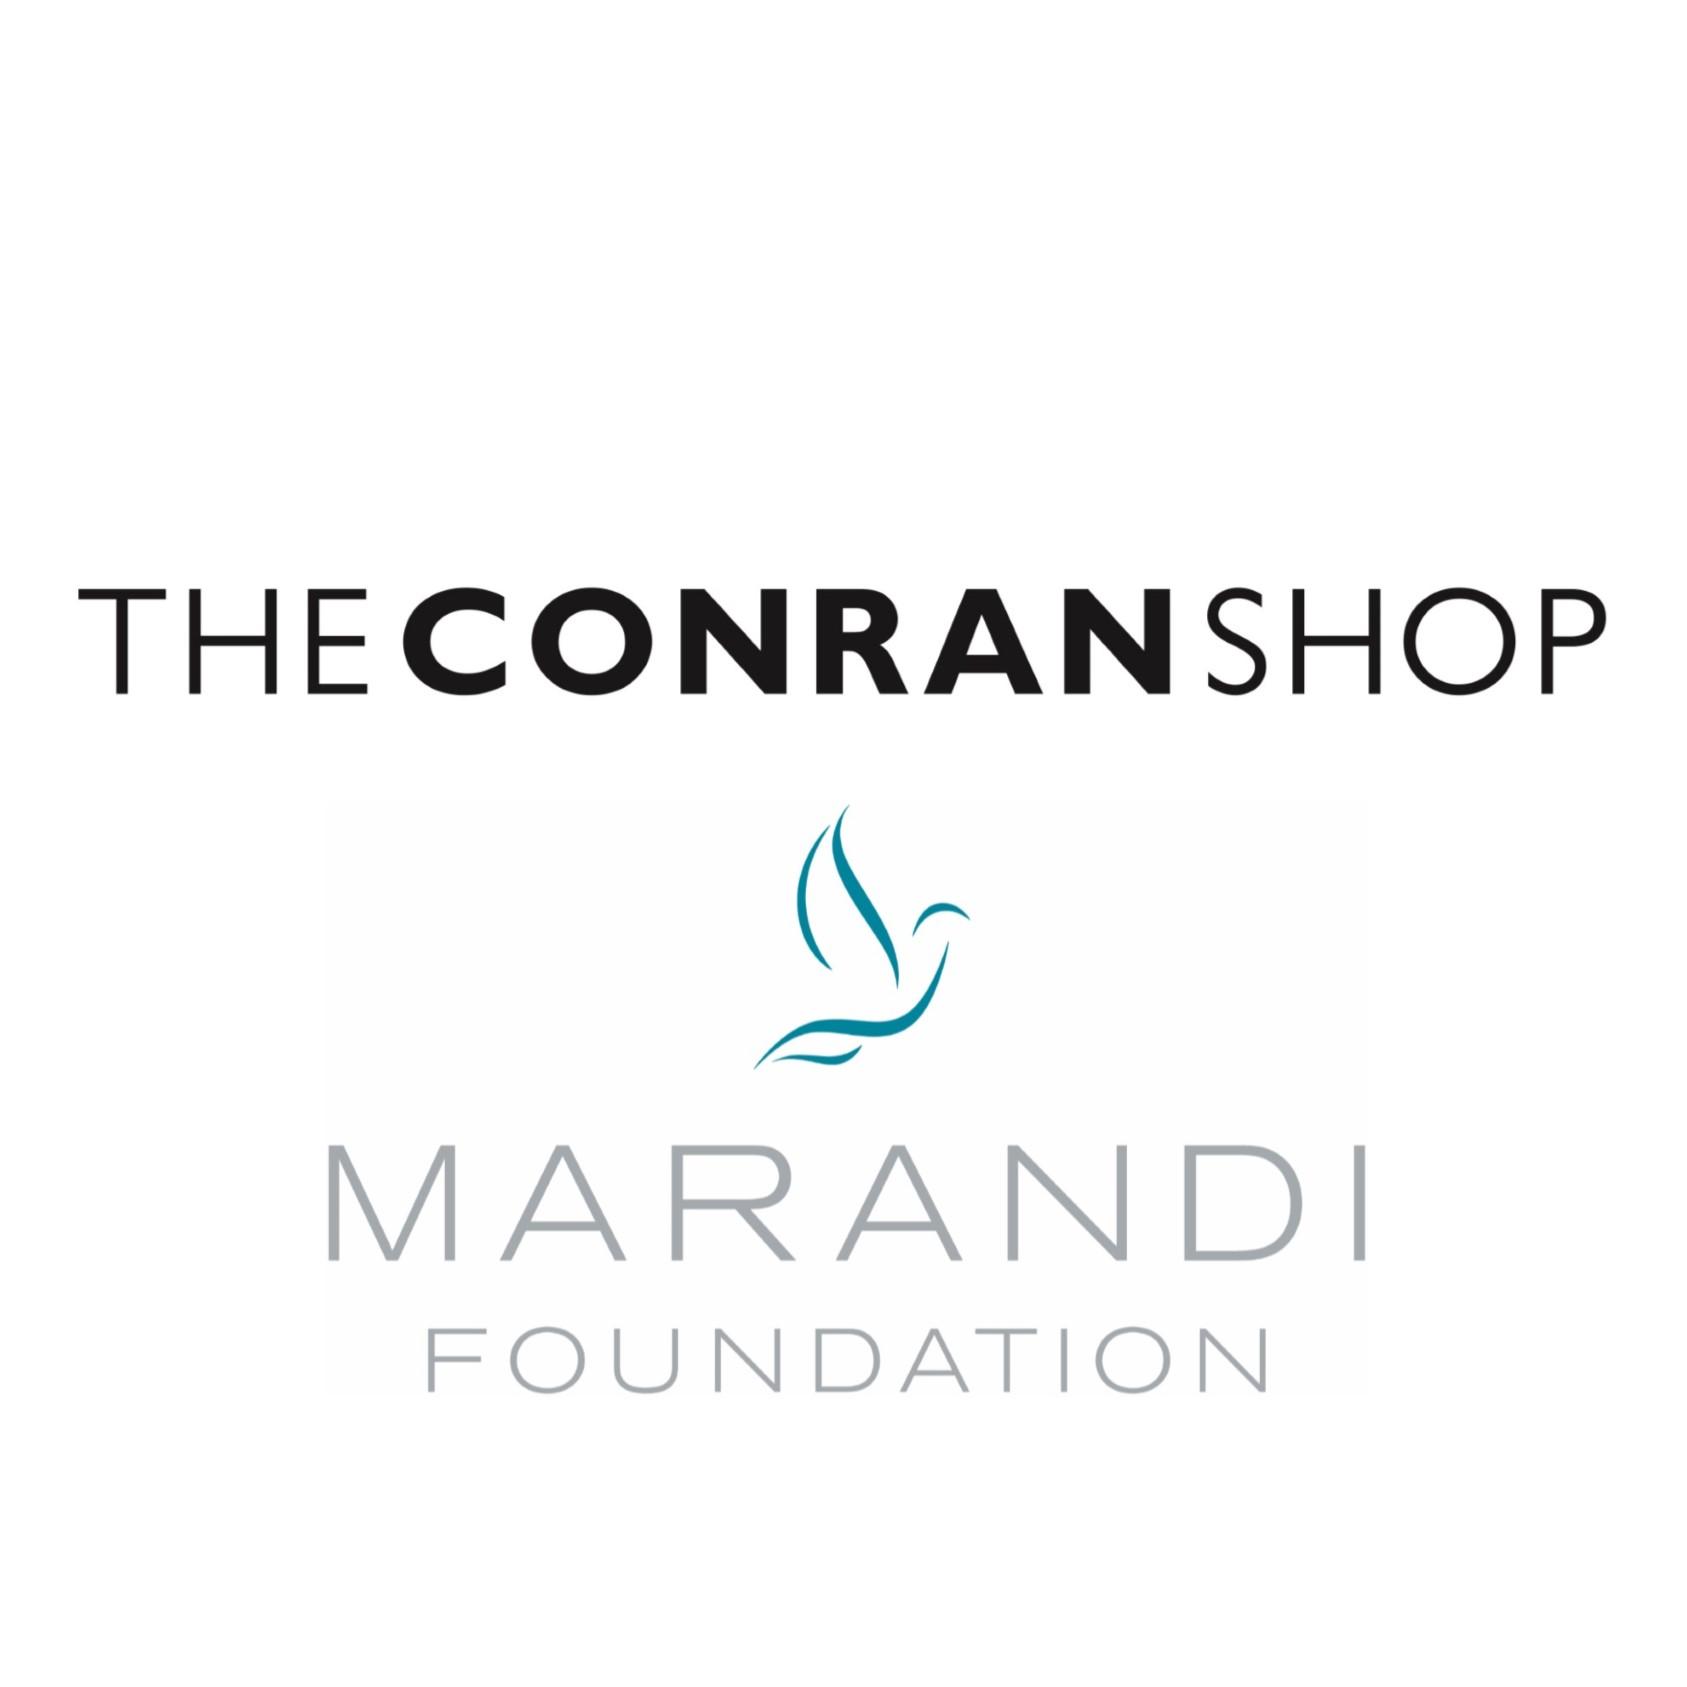 The Conran Shop & The Marandi Foundation